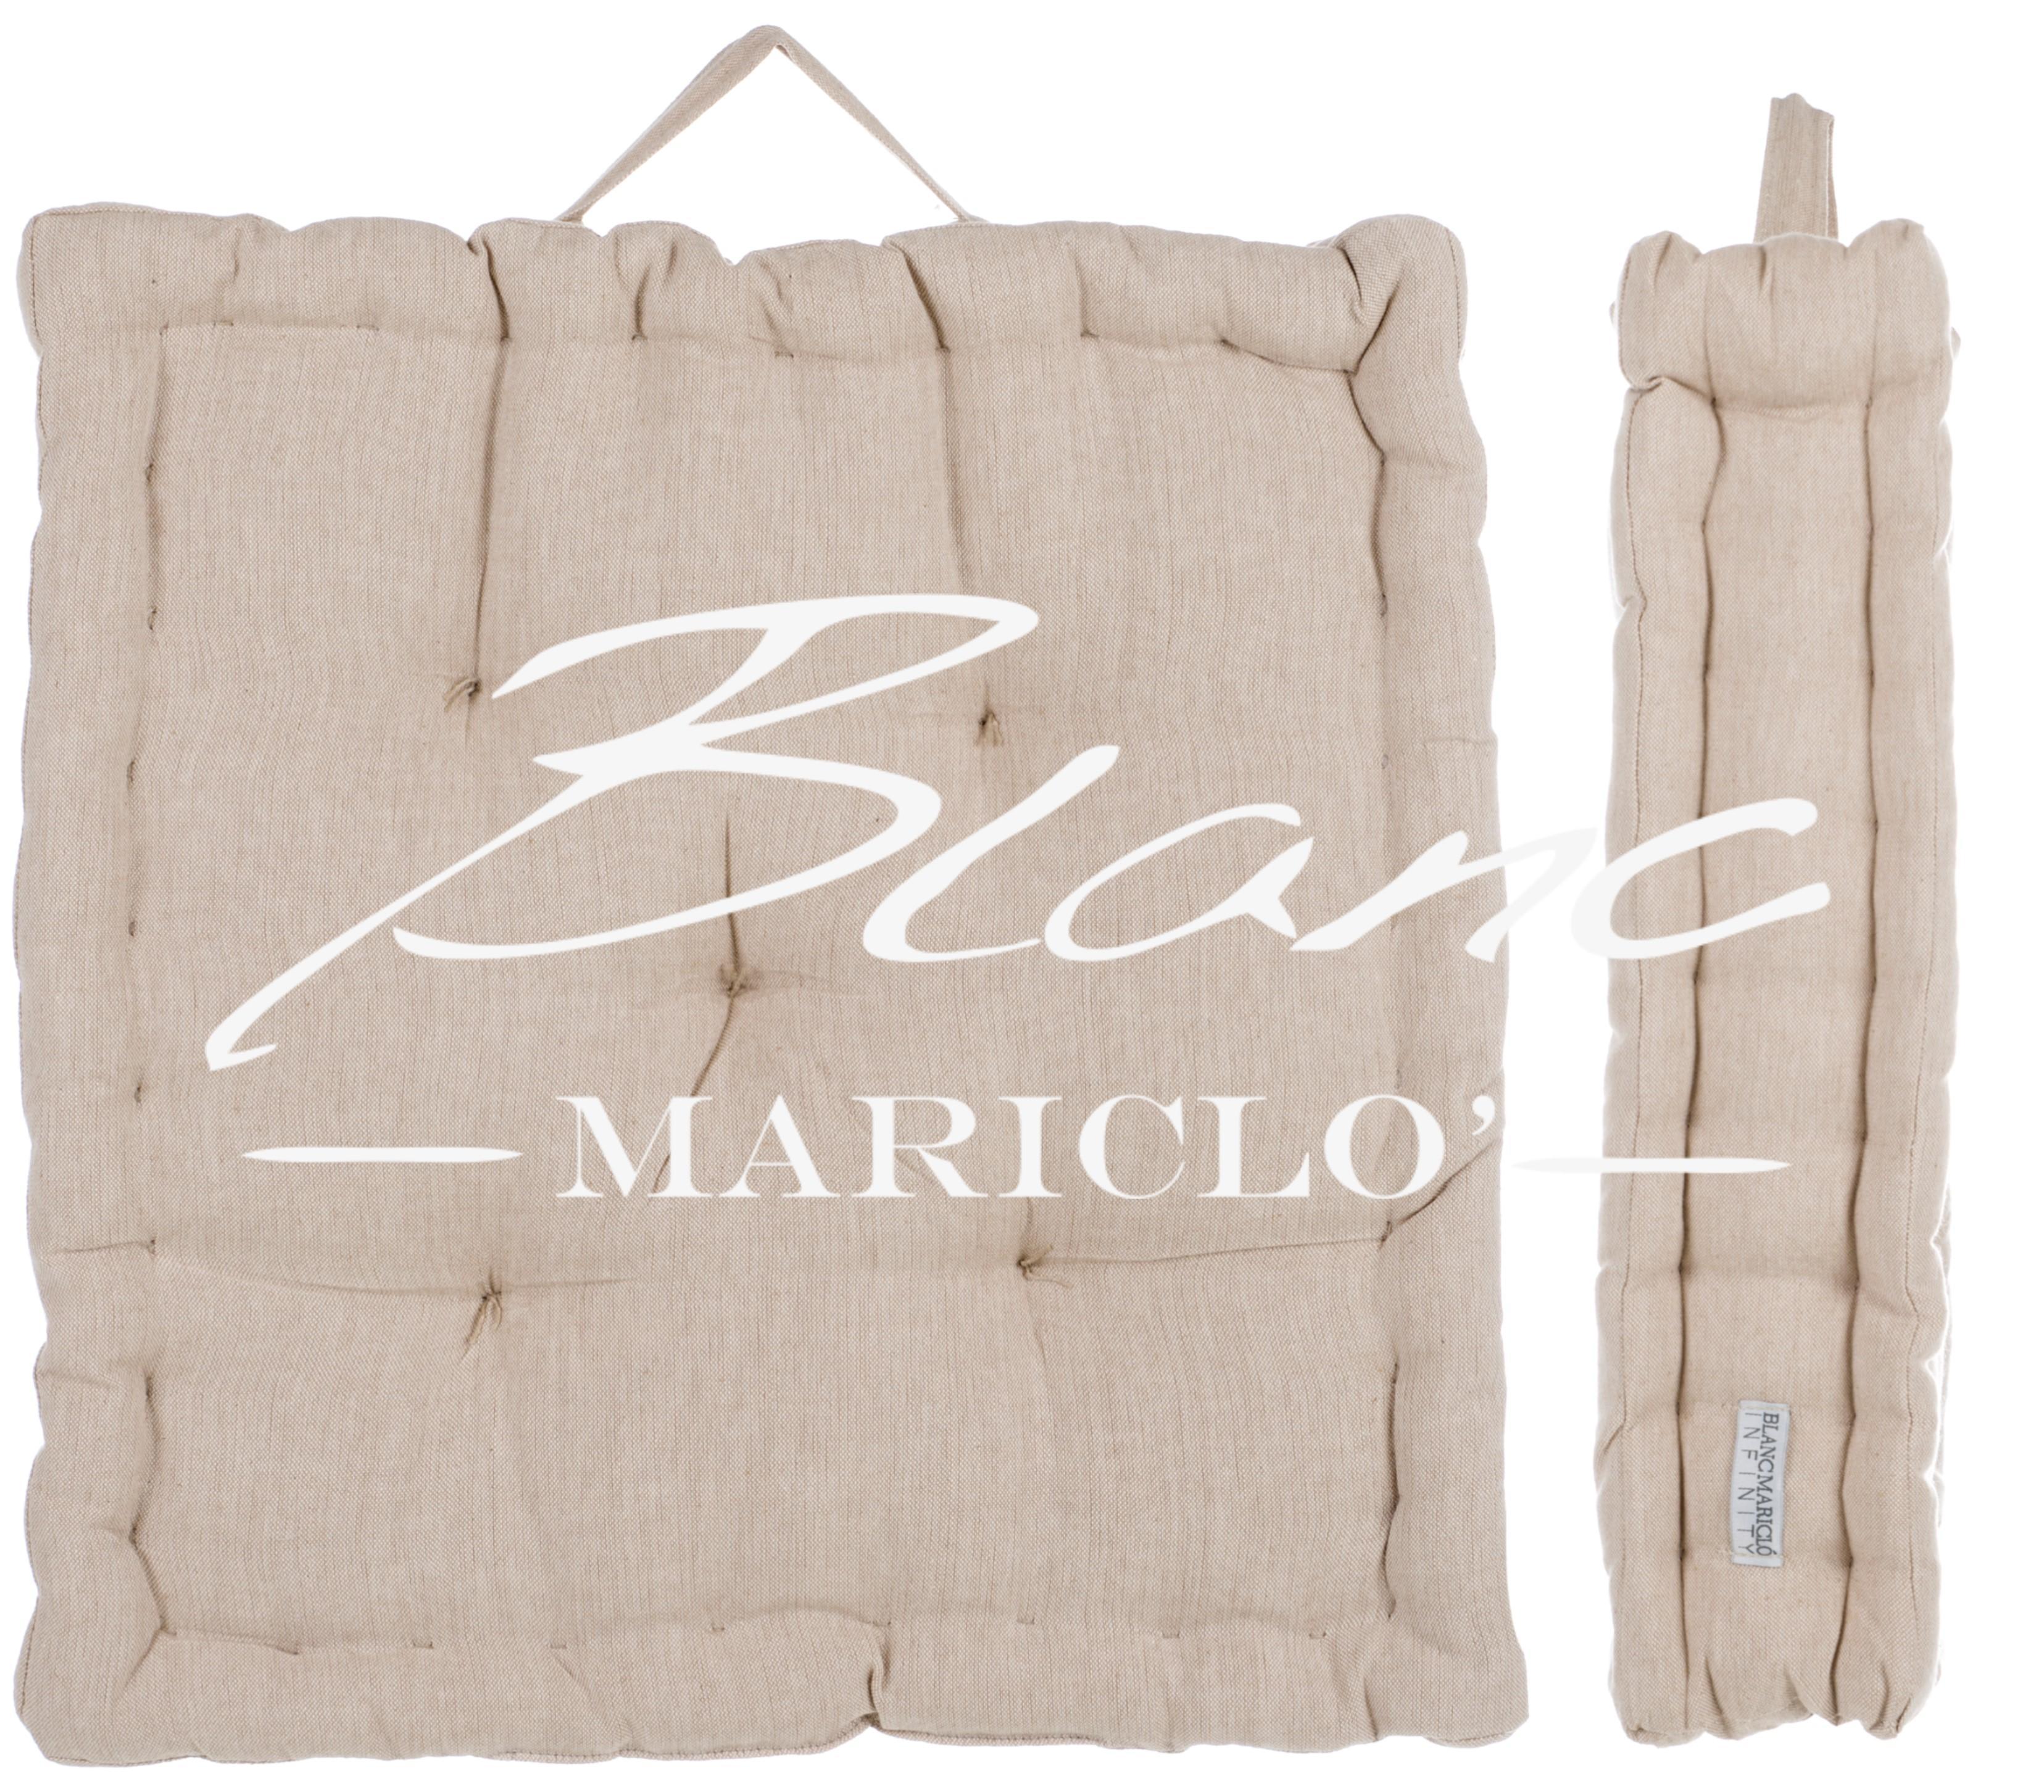 Blanc MariClo - FOLLIE shop online shabby chic - Follie